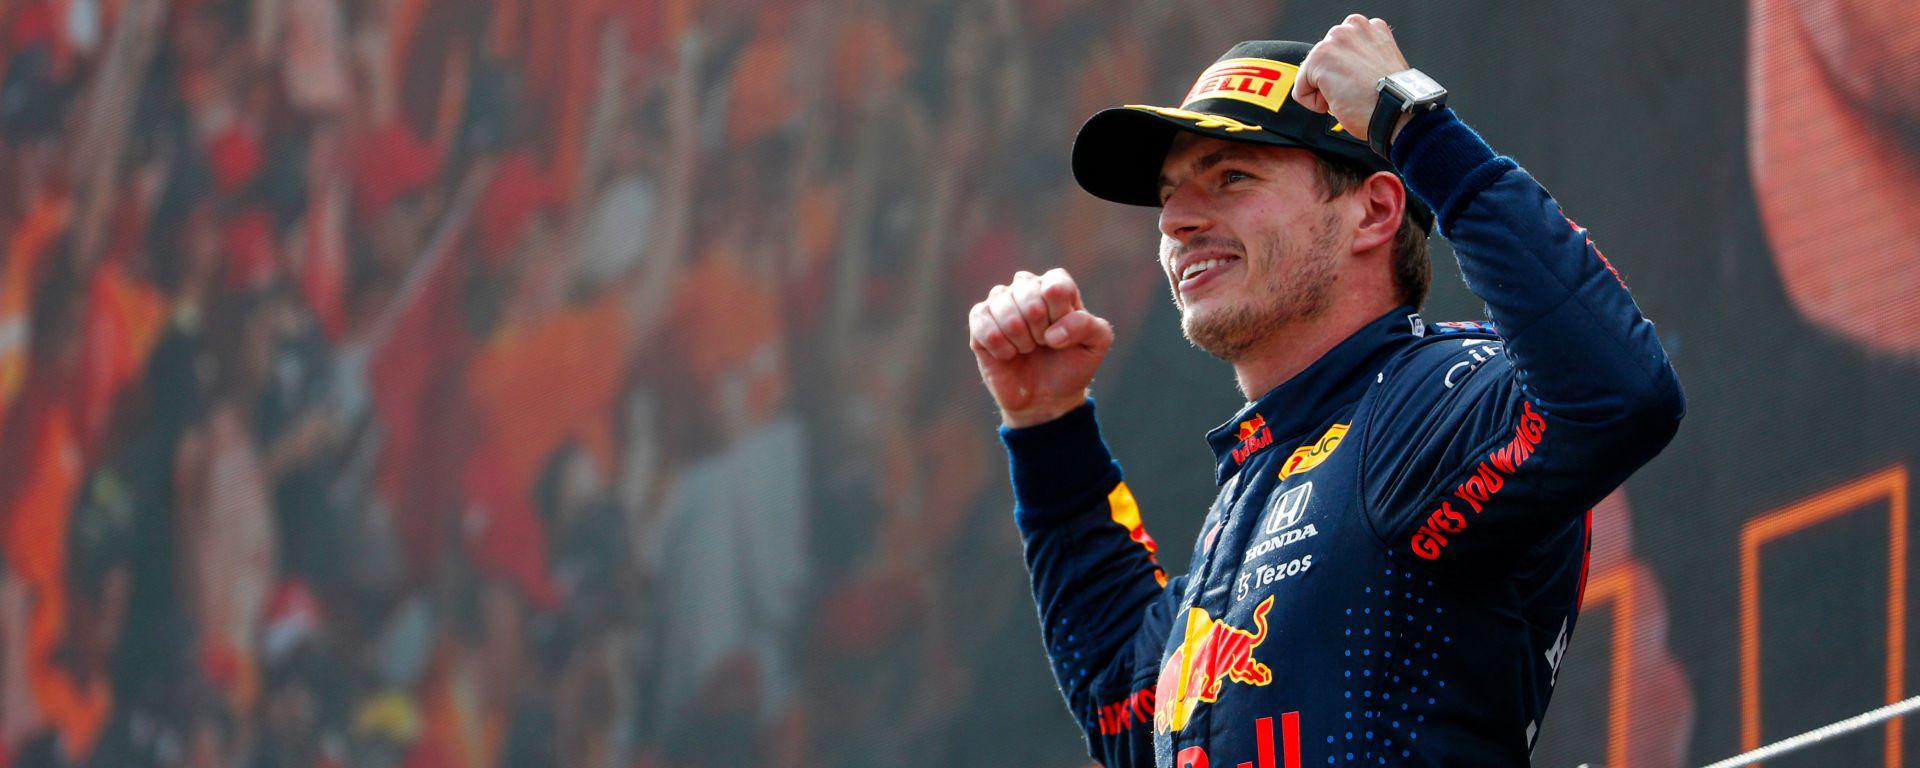 F1 GP Austria 2021, Spielberg: Max Verstappen (Red Bull Racing) festeggia sul podio